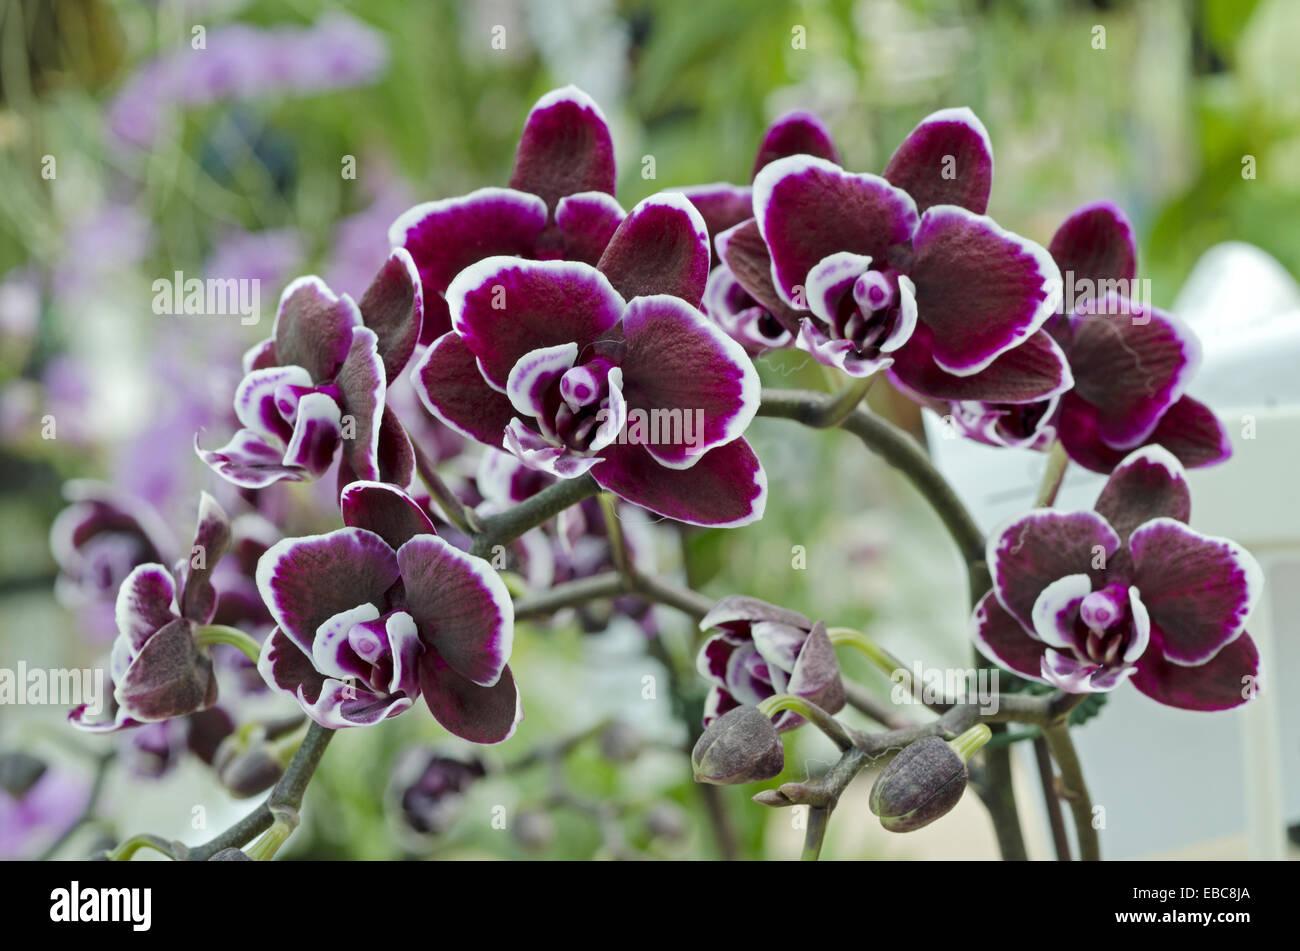 Image Taken At Orchid Garden, Kuching, Sarawak, Malaysia.